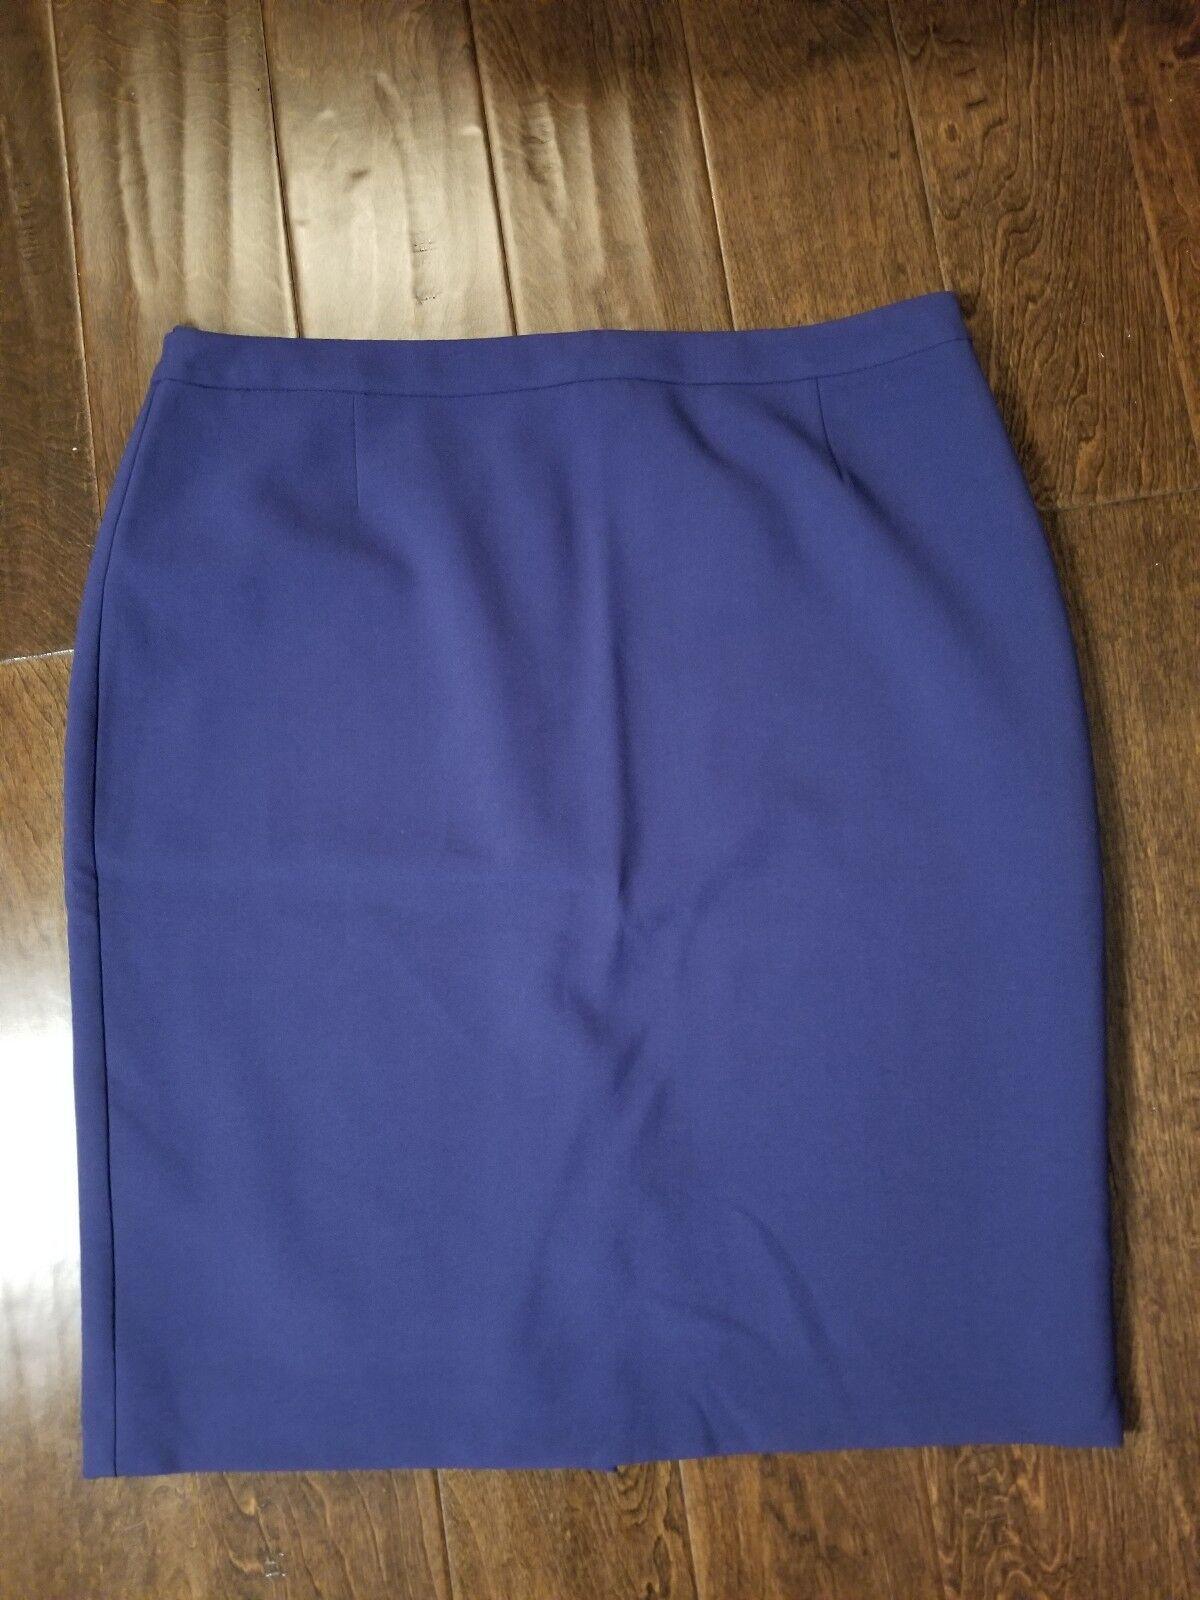 New Women's HUGO BOSS bluee Valeti Pencil Skirt size 14